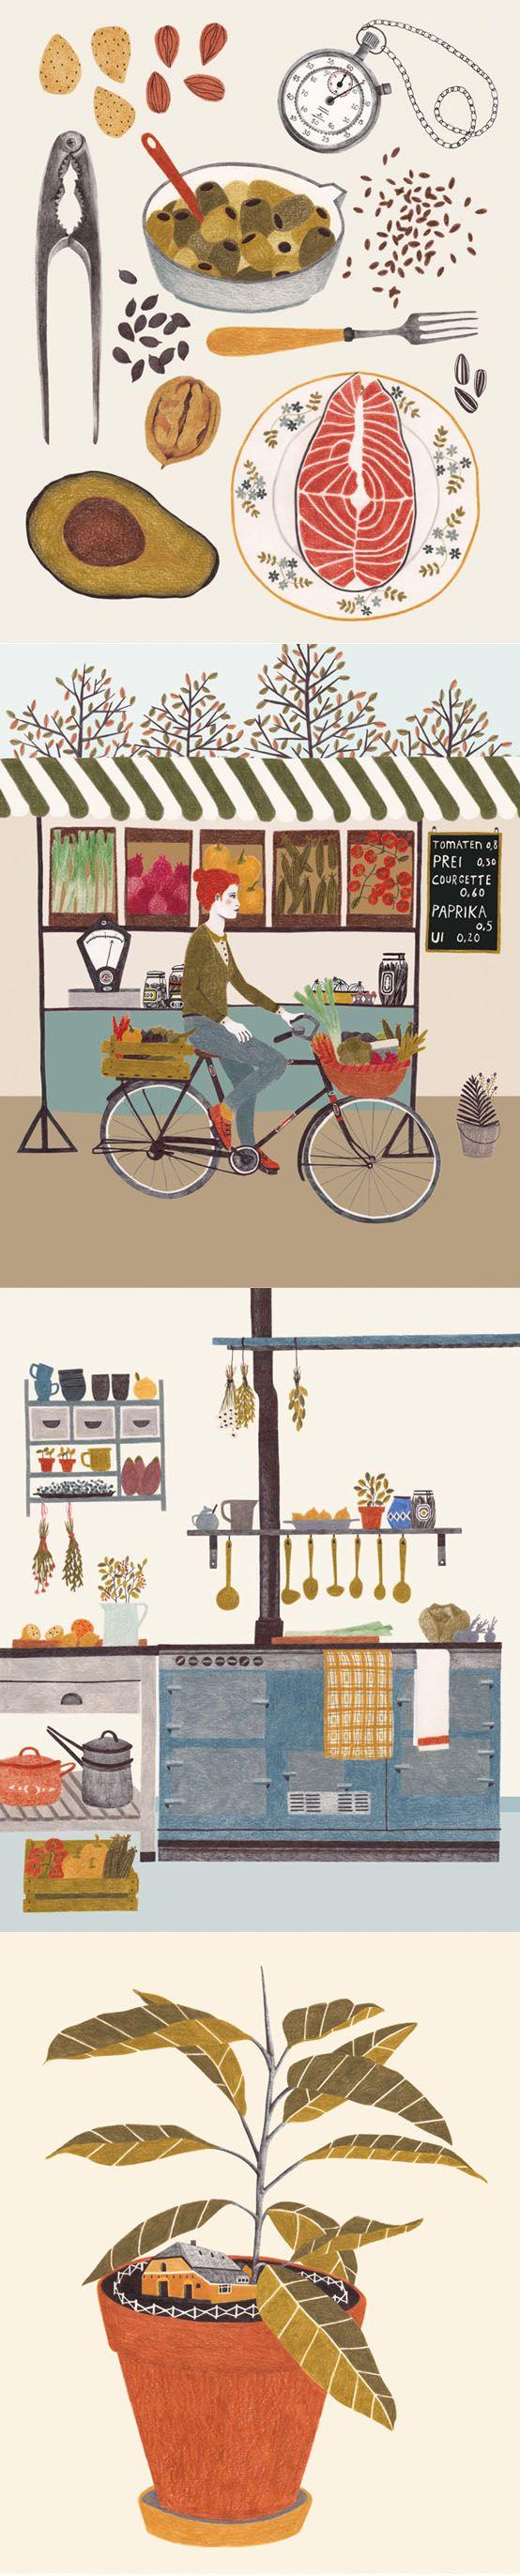 Lieke van der Vorst - check it out here: http://www.artisticmoods.com/art-print-by-lieke-van-der-vorst/